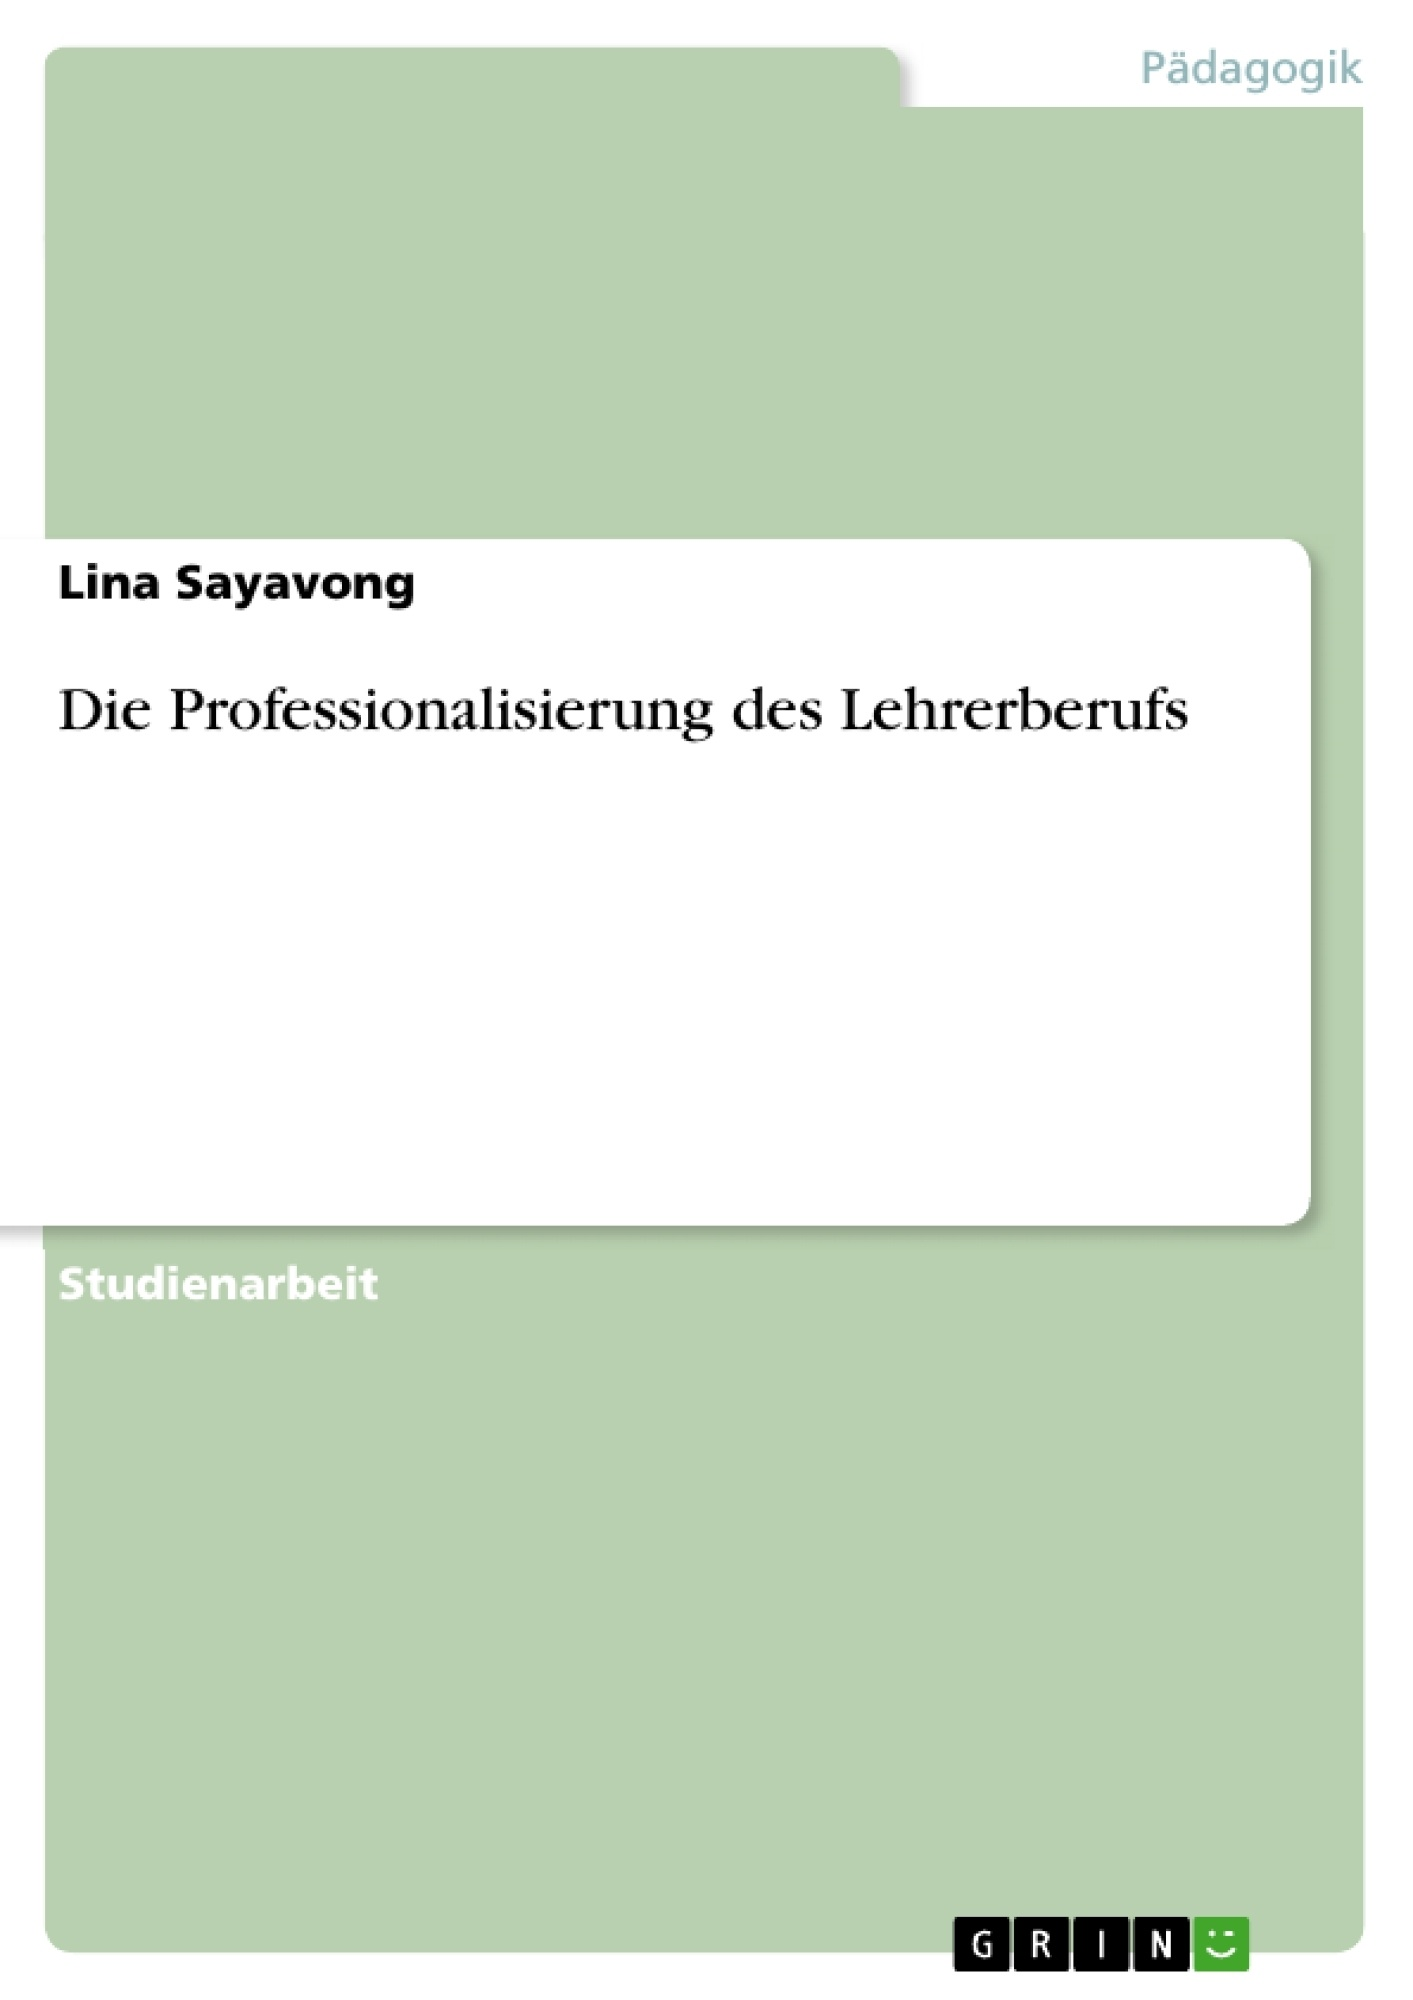 Titel: Die Professionalisierung des Lehrerberufs